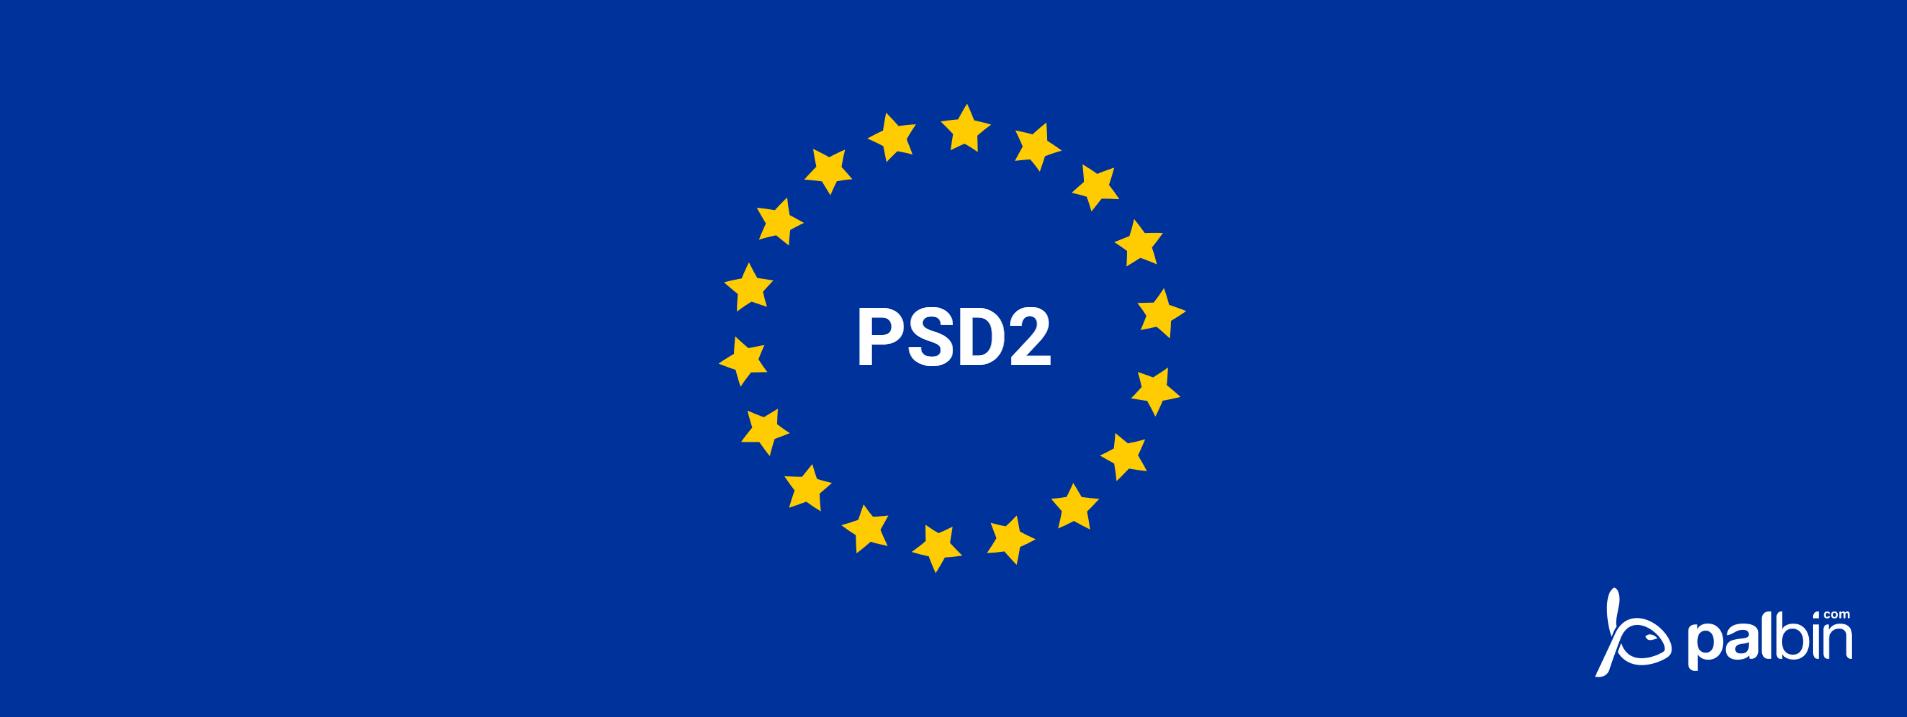 Nueva directiva PSD2: ¿Qué es y cómo afecta a mi tienda online?